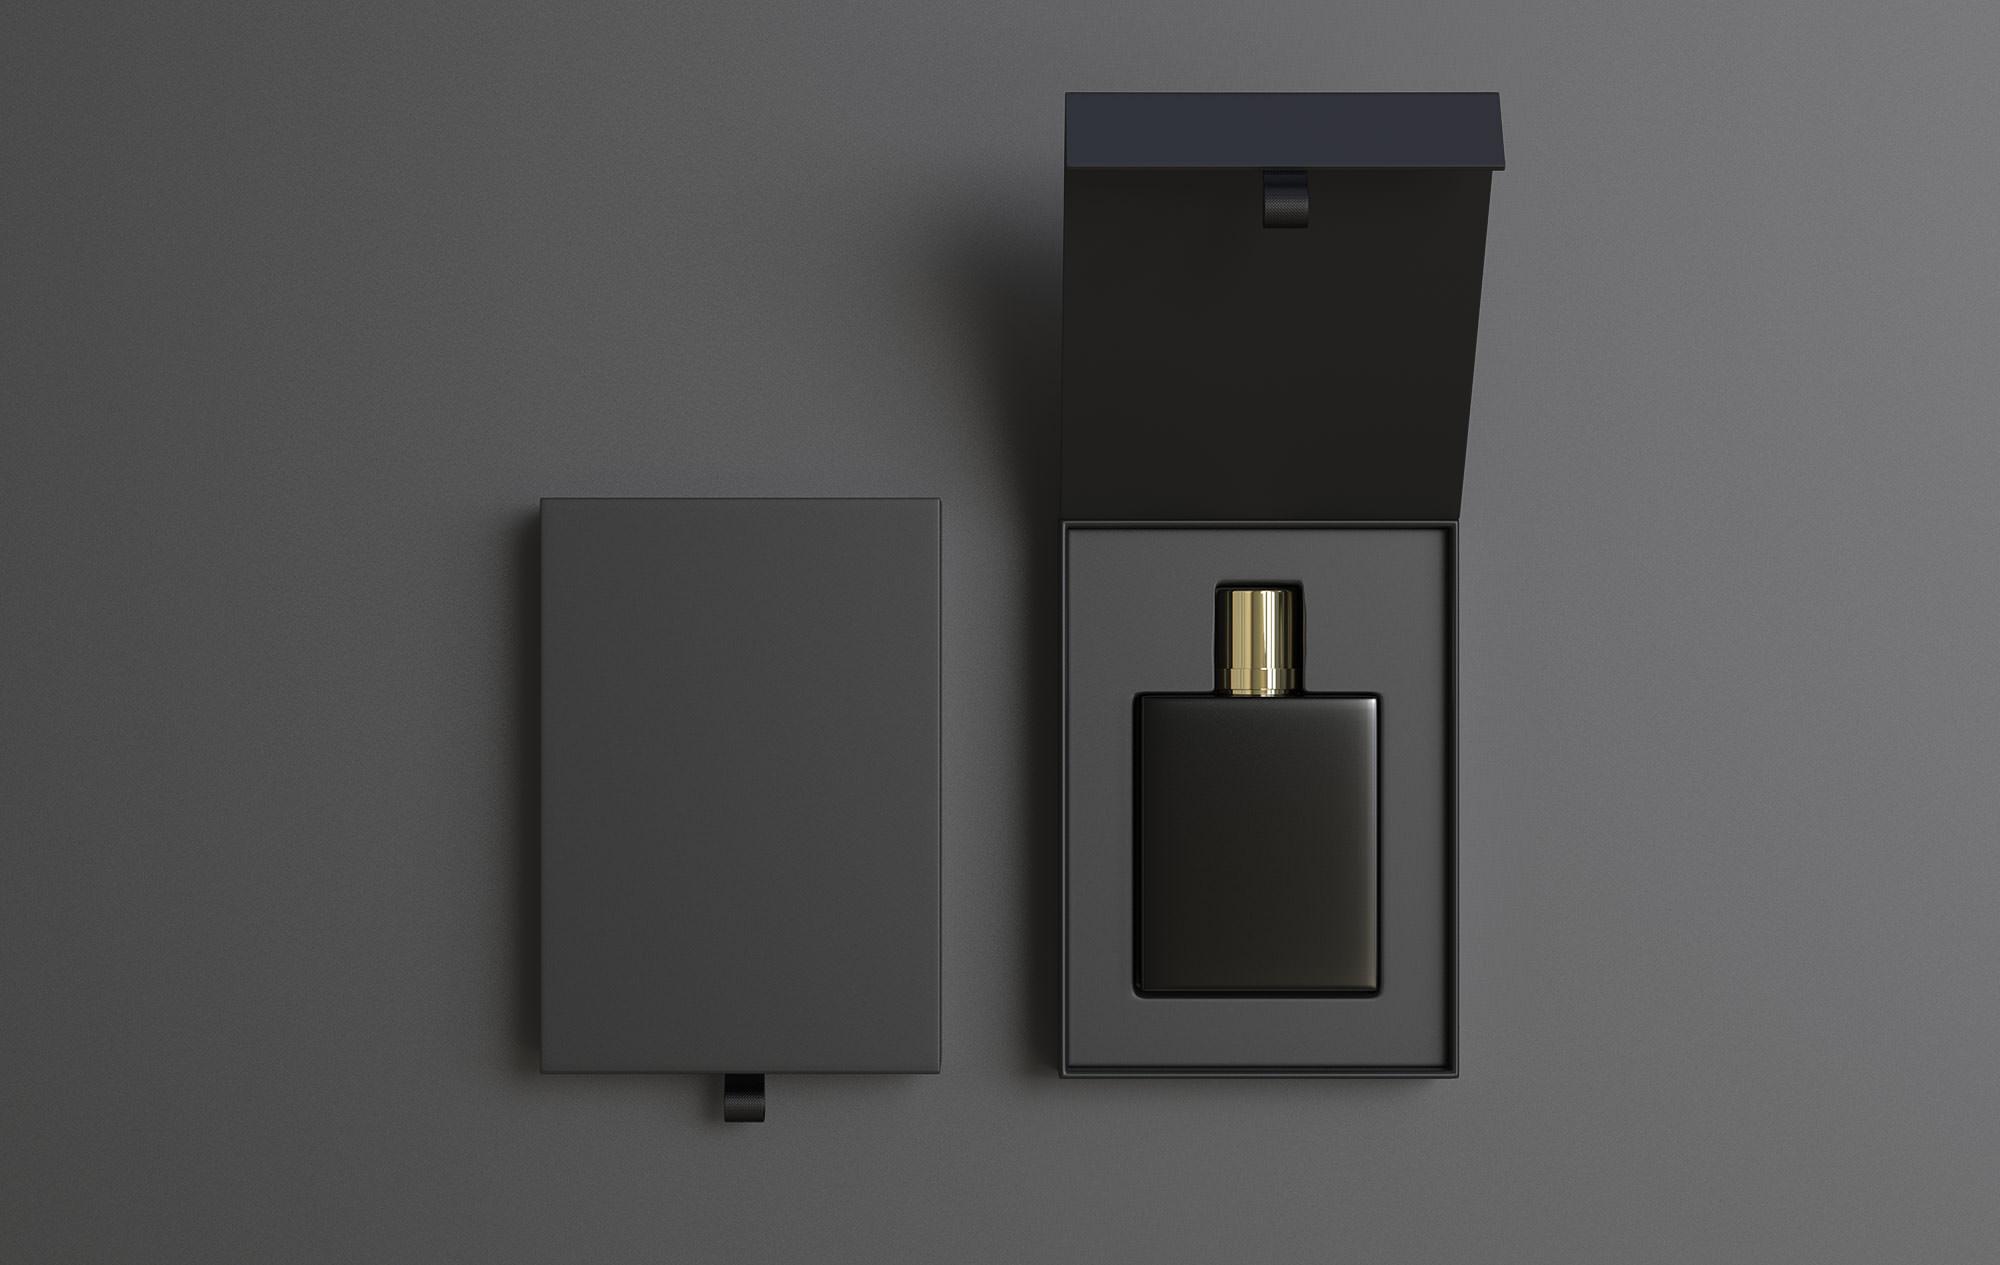 Parfüm Produkt Freisteller vorher